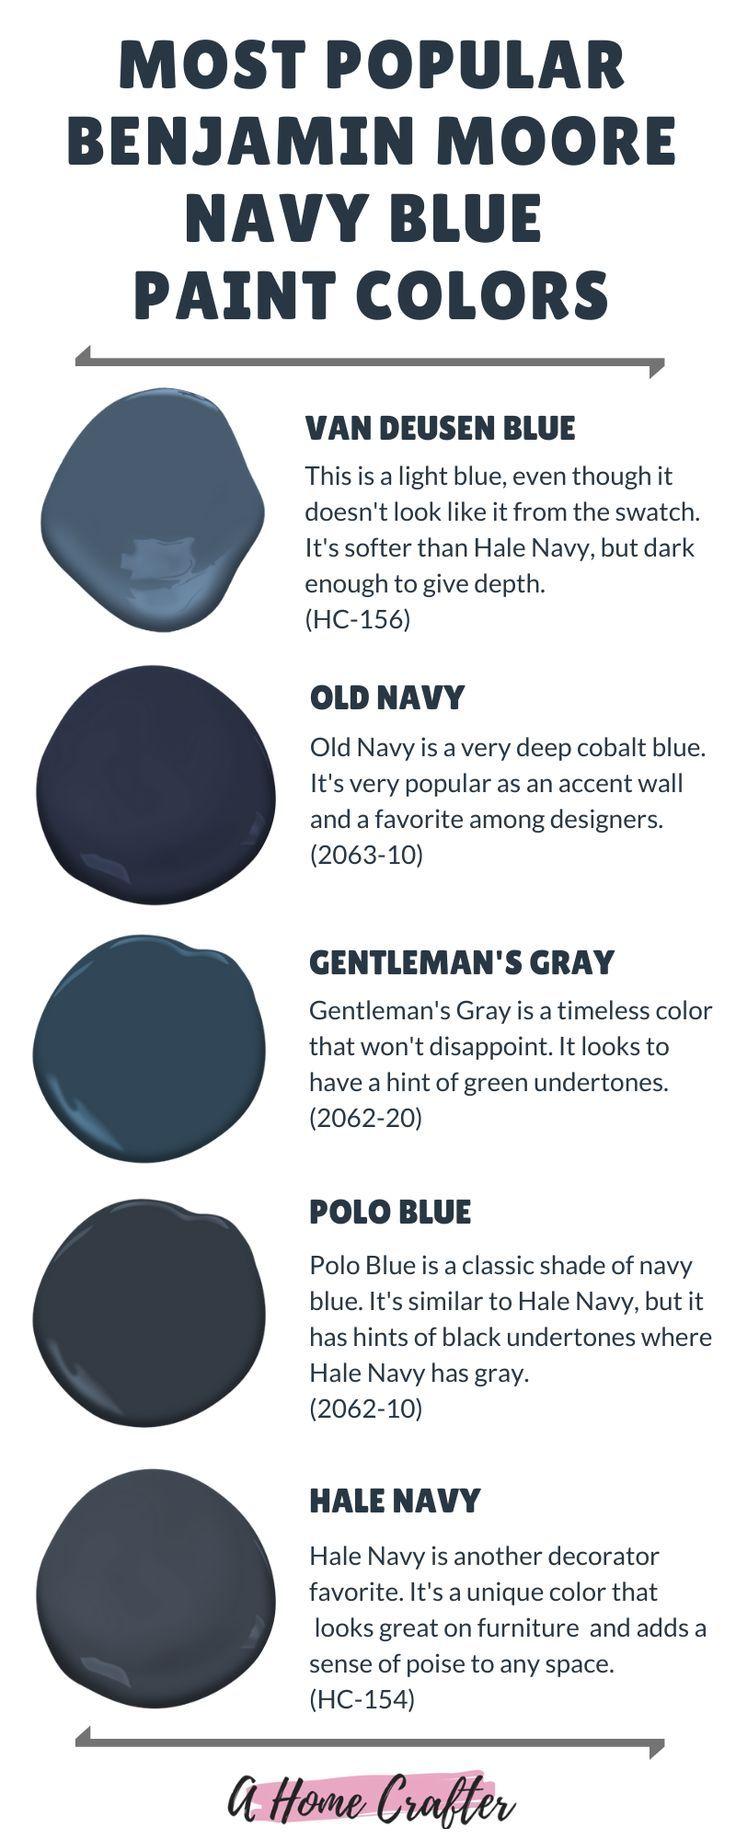 Most Popular Navy Blue Paint Colors By Benjamin Moore In 2020 Navy Blue Paint Navy Blue Paint Colors Blue Paint Colors